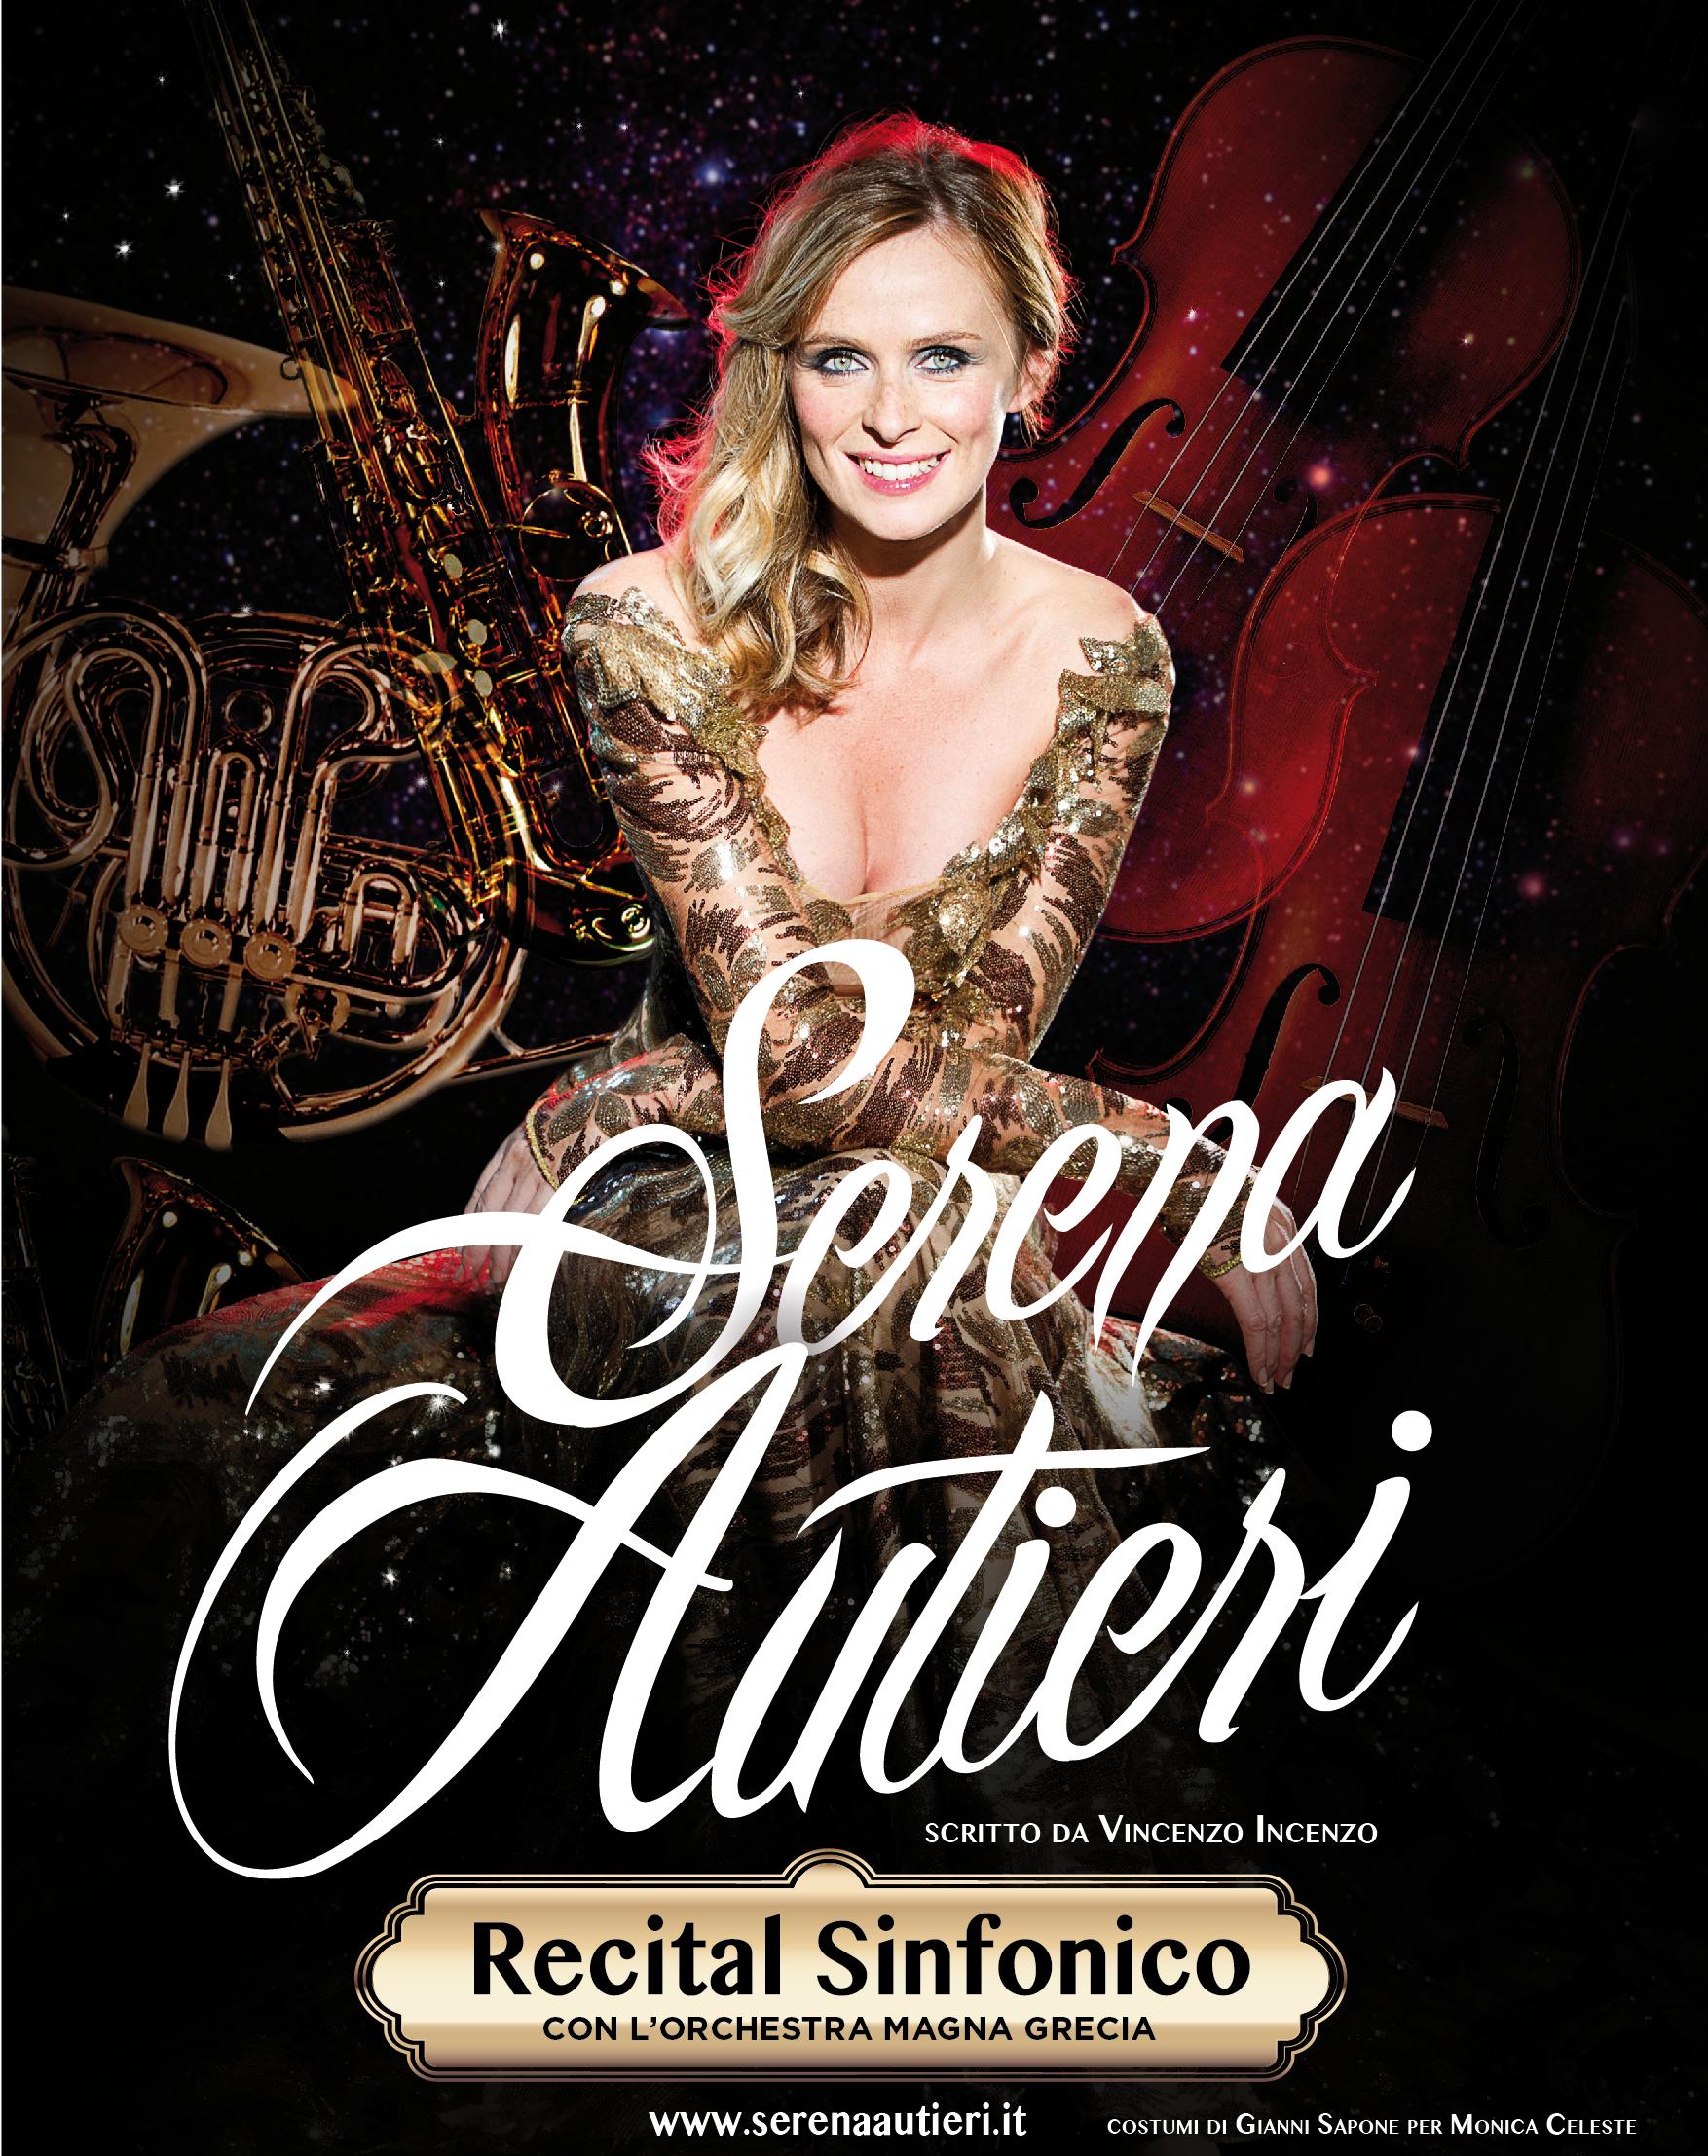 SerenaAutieri_RecitalSinfonico-copia.png